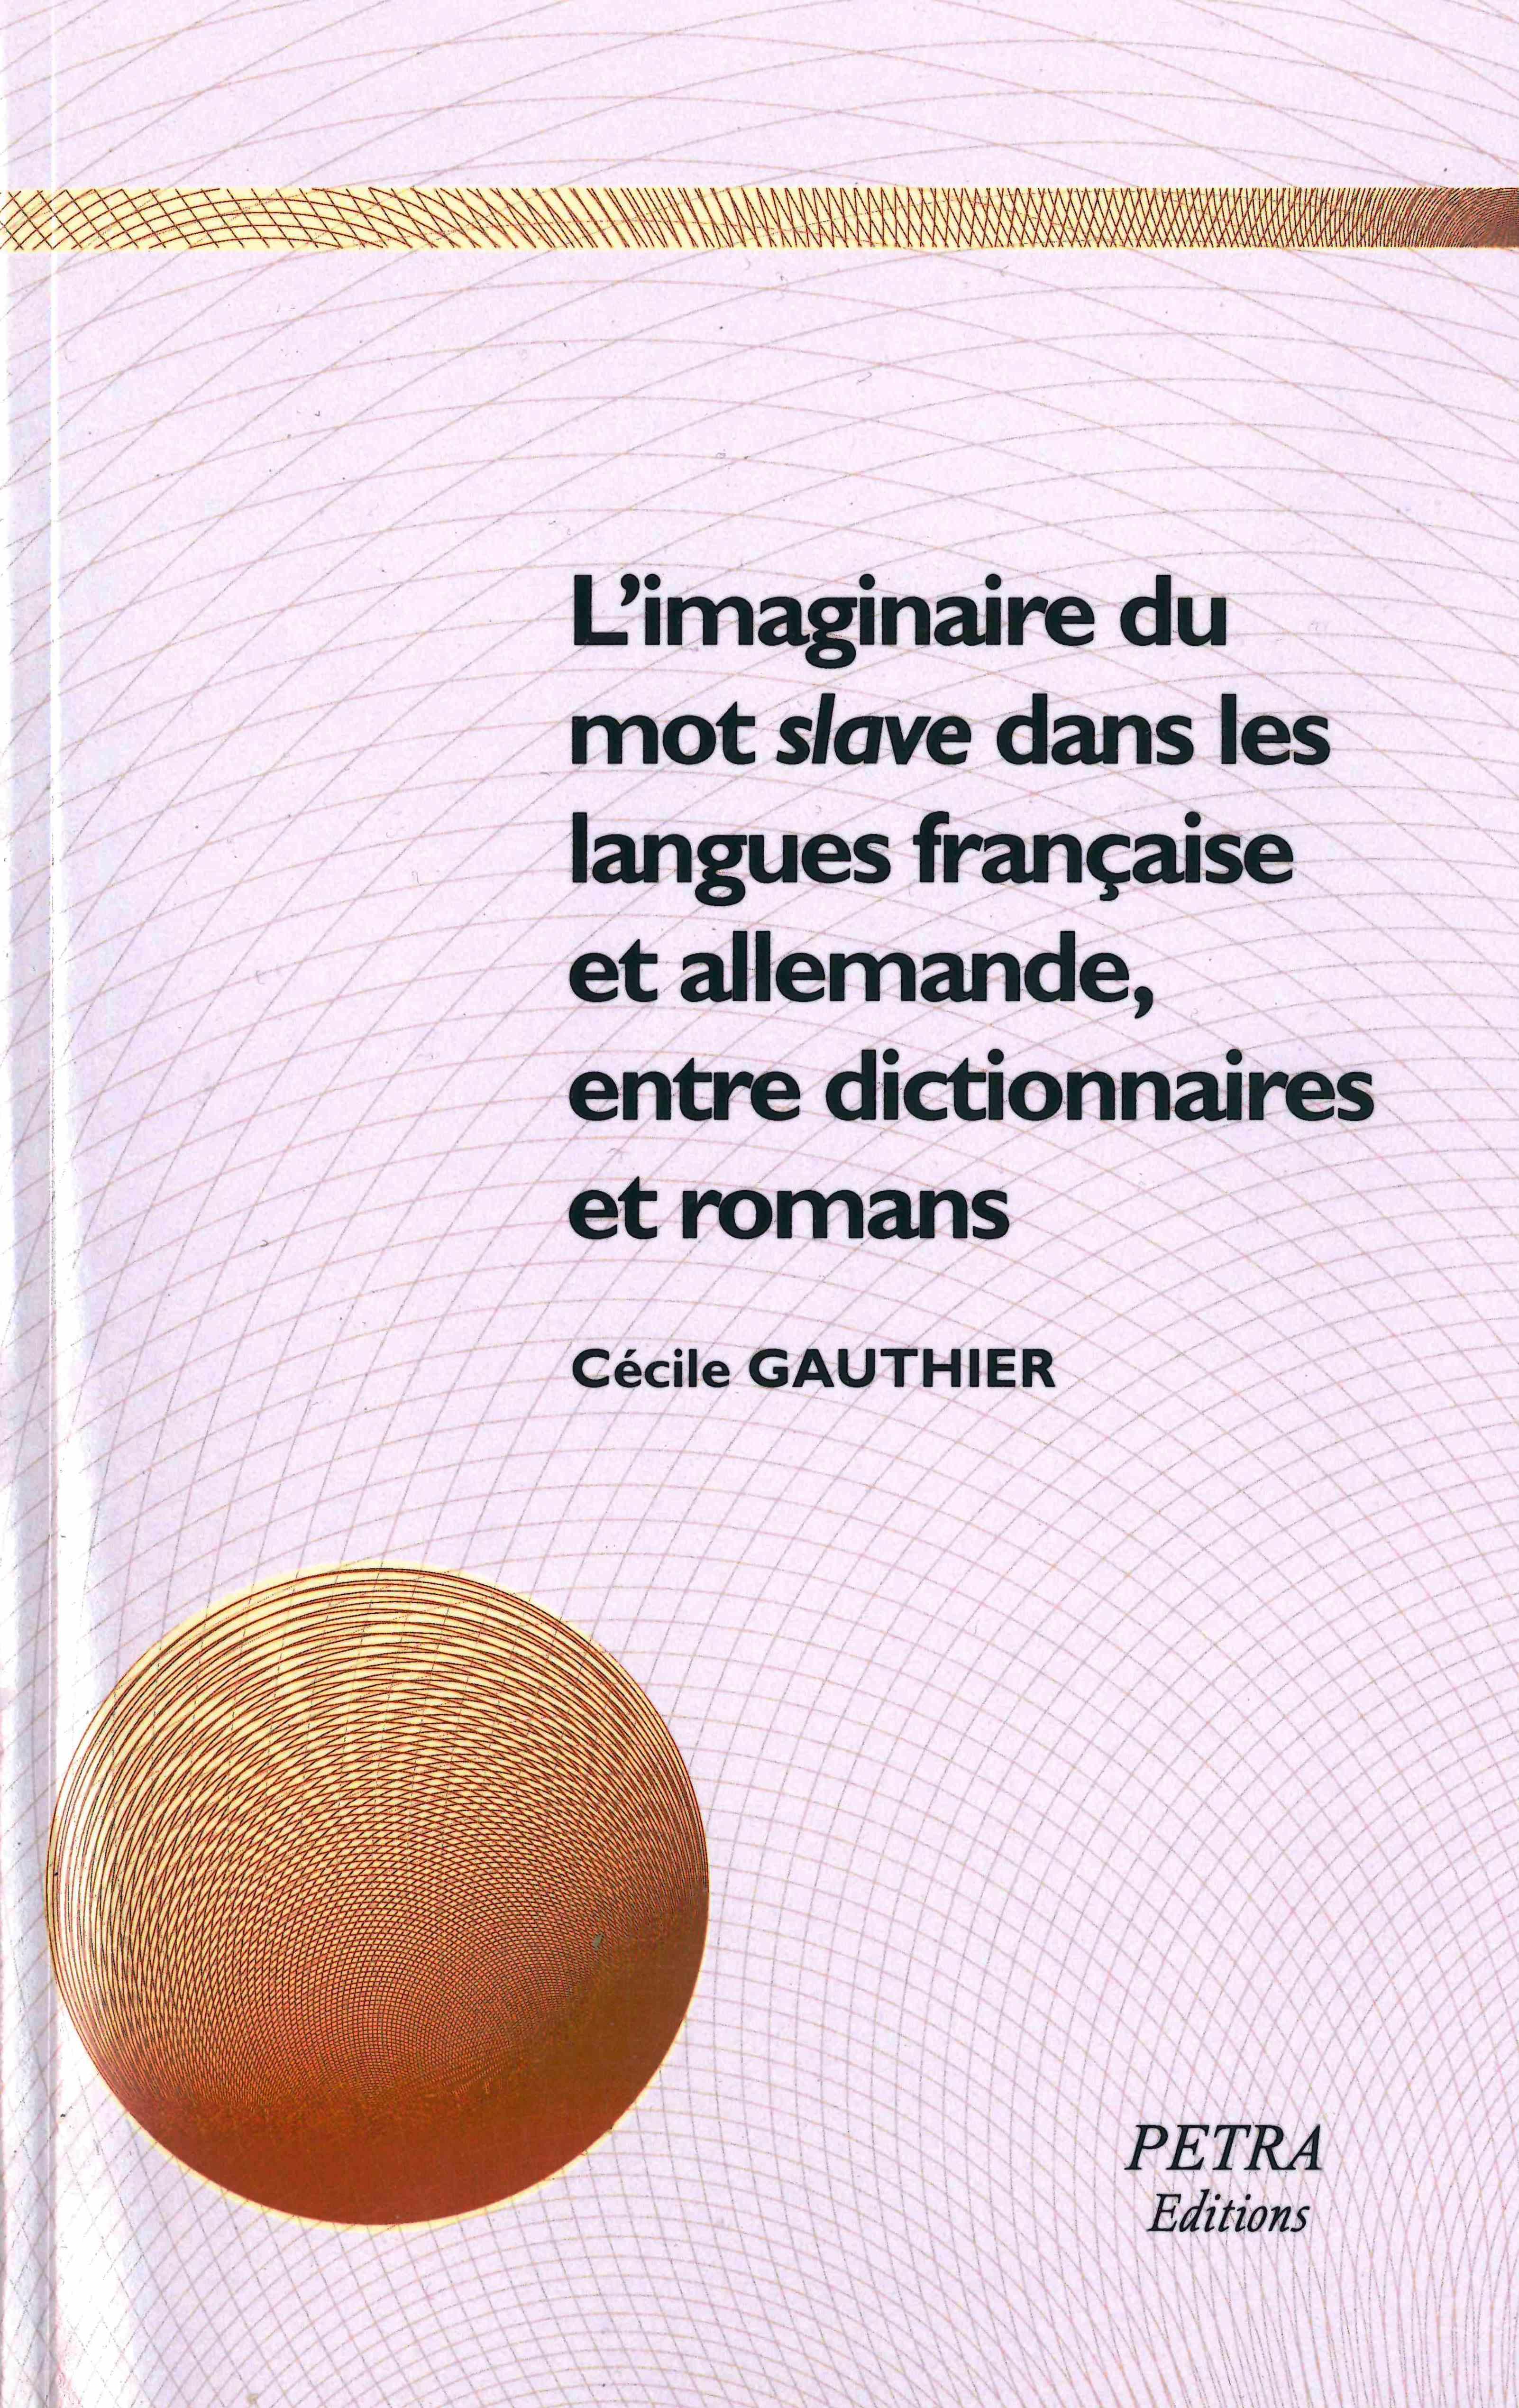 C. Gauthier, L'Imaginaire du mot « slave » dans les langues française et allemande, entre dictionnaires et romans